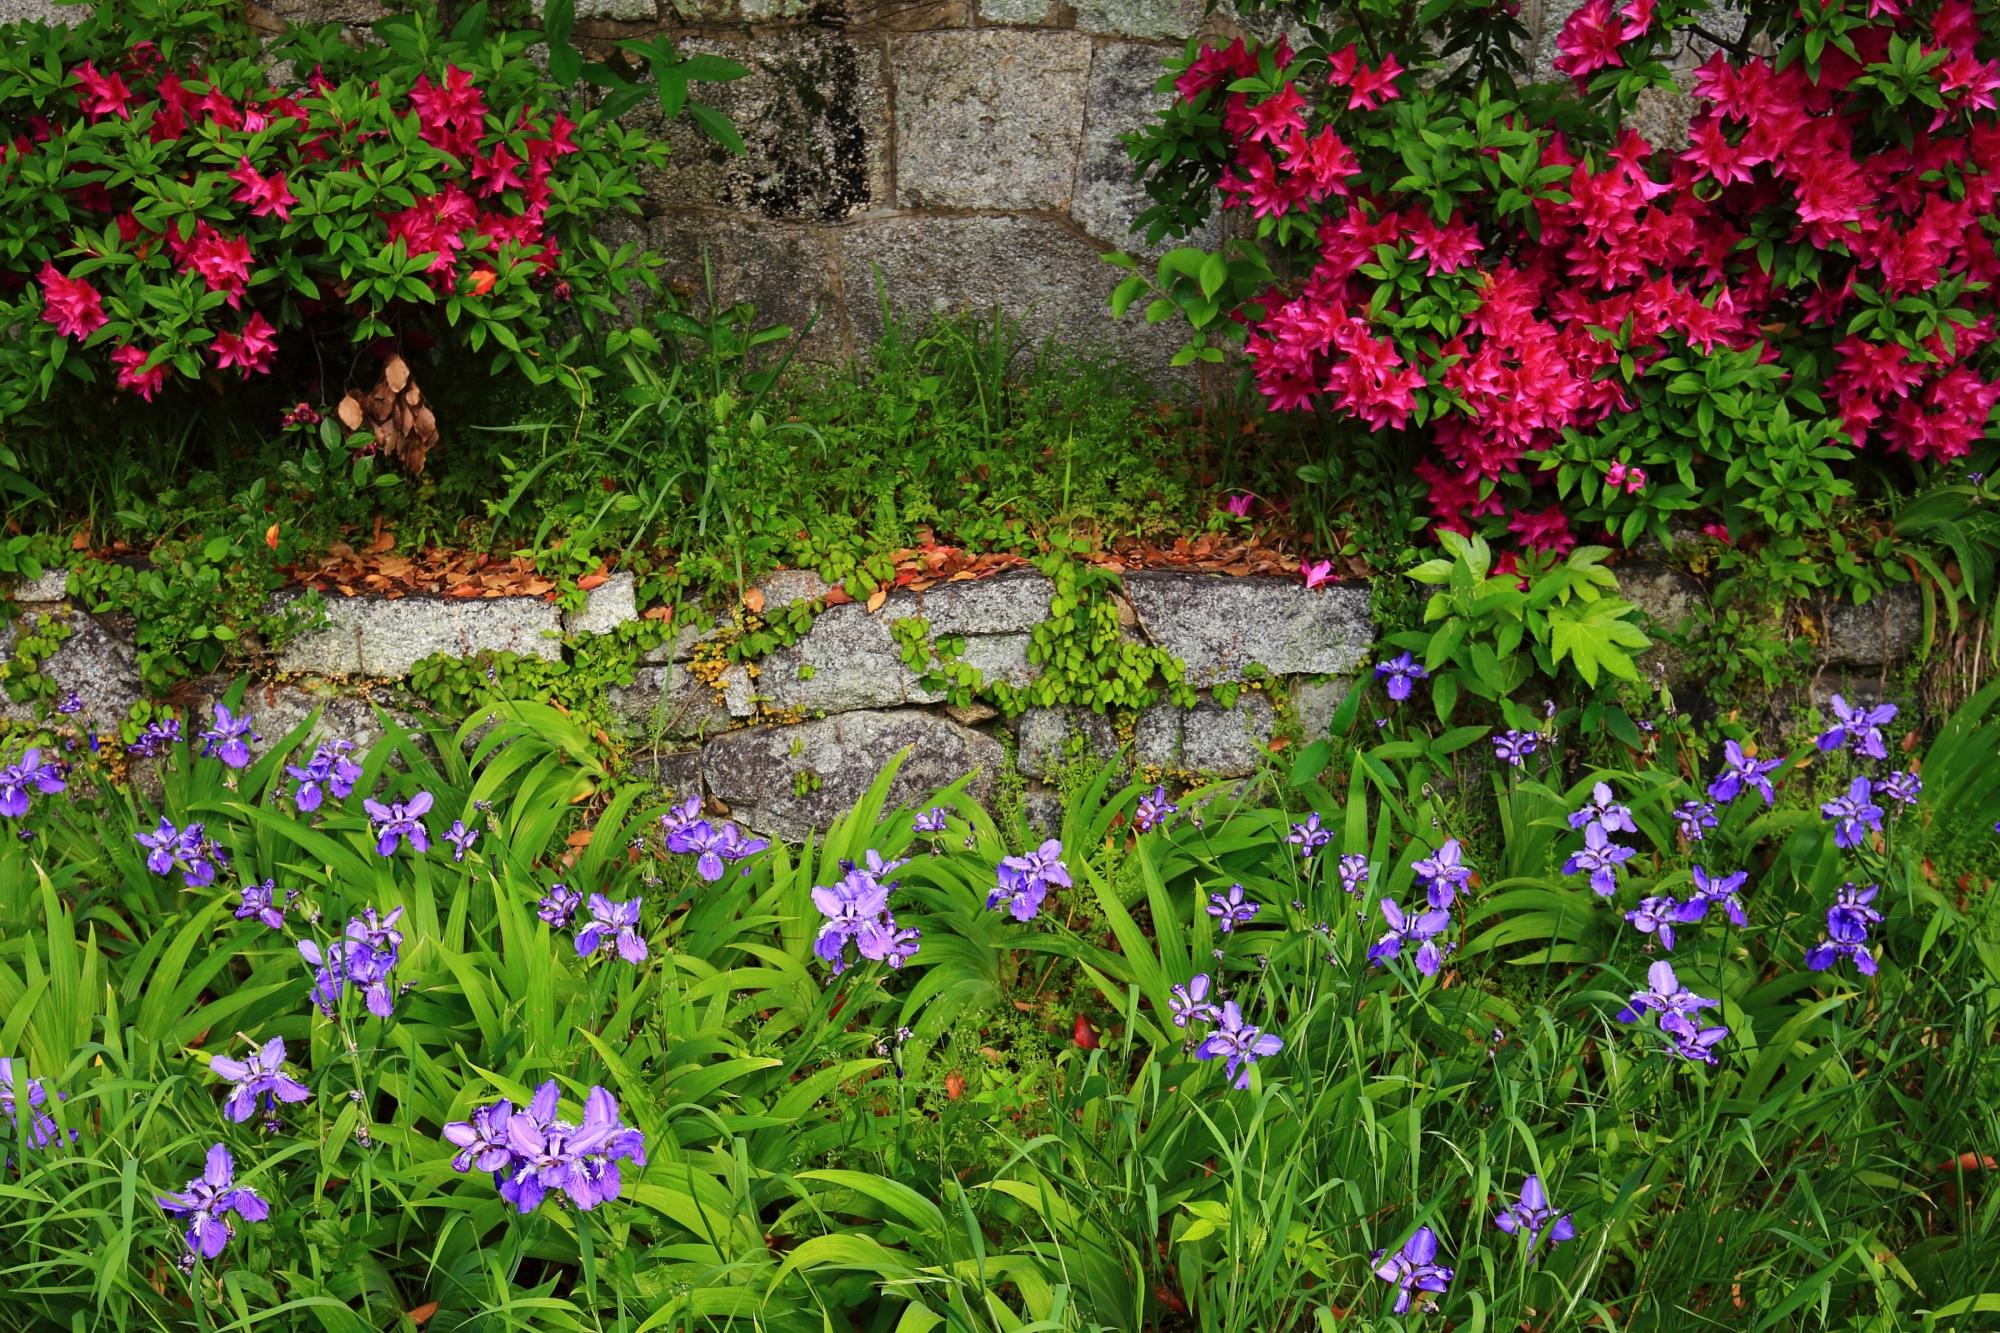 上御霊神社の鮮やかな赤いツツジの花と華やかなイチハツの花のコラボ